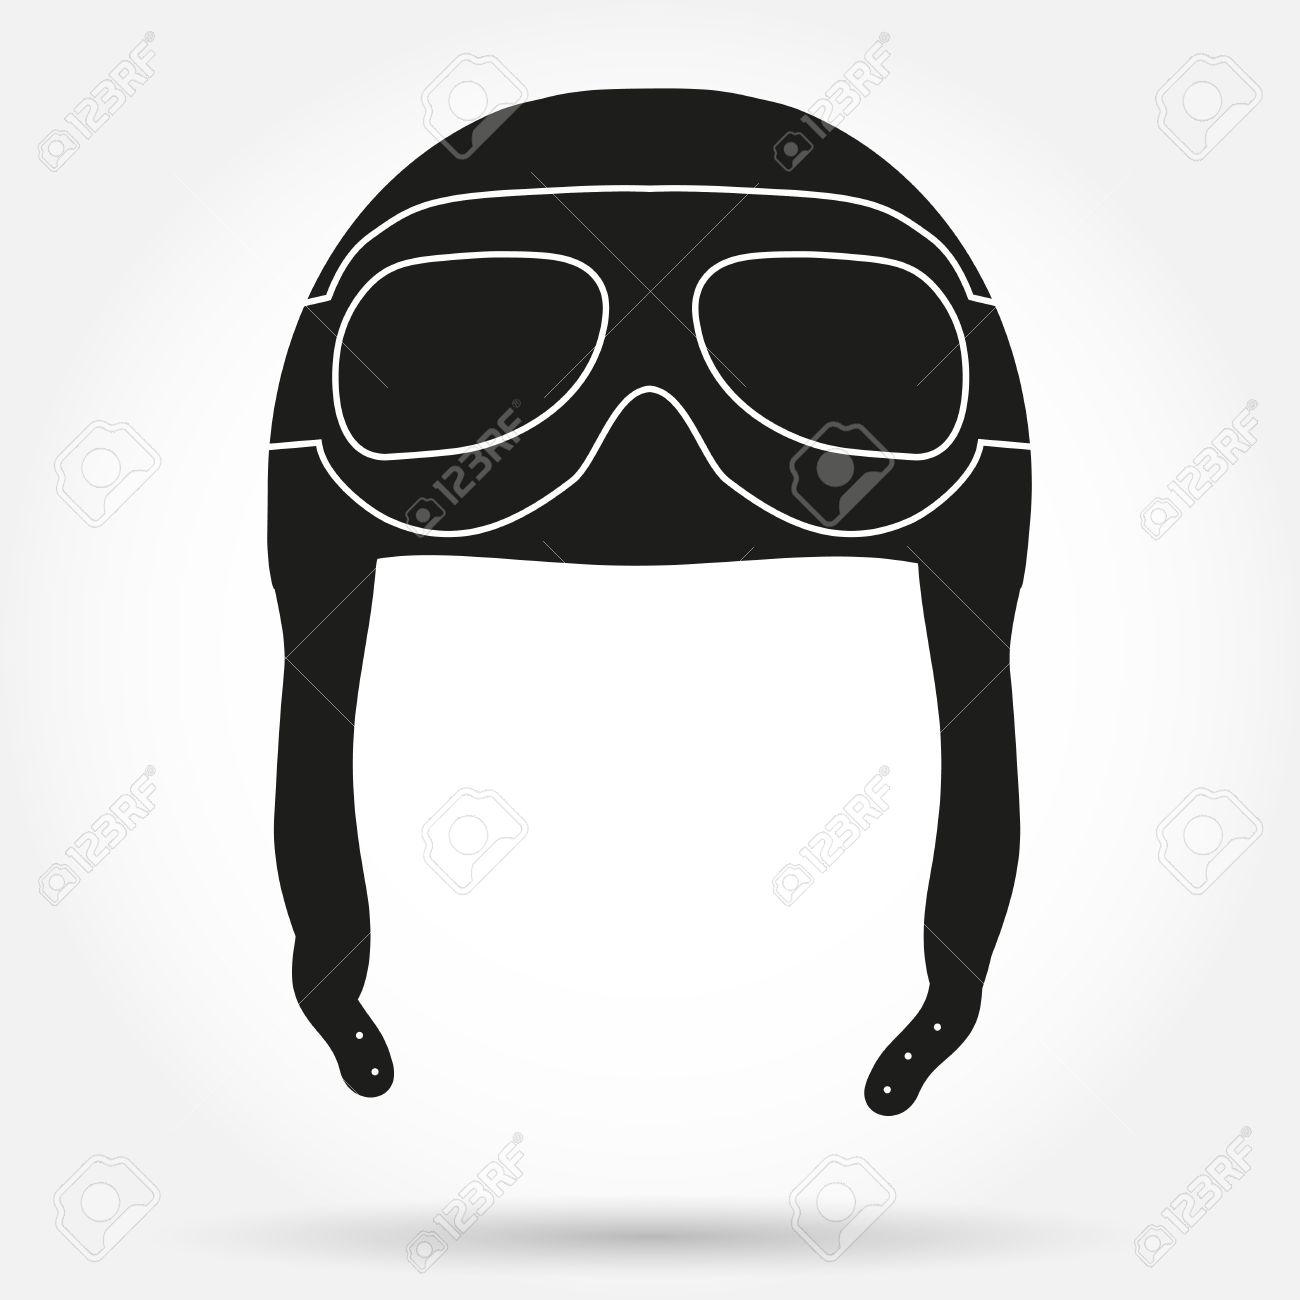 a21e86c909ad39 Silhouet symbool van Retro aviator piloot lederen helm met bril. Eenvoudige  vector illustratie geïsoleerd op